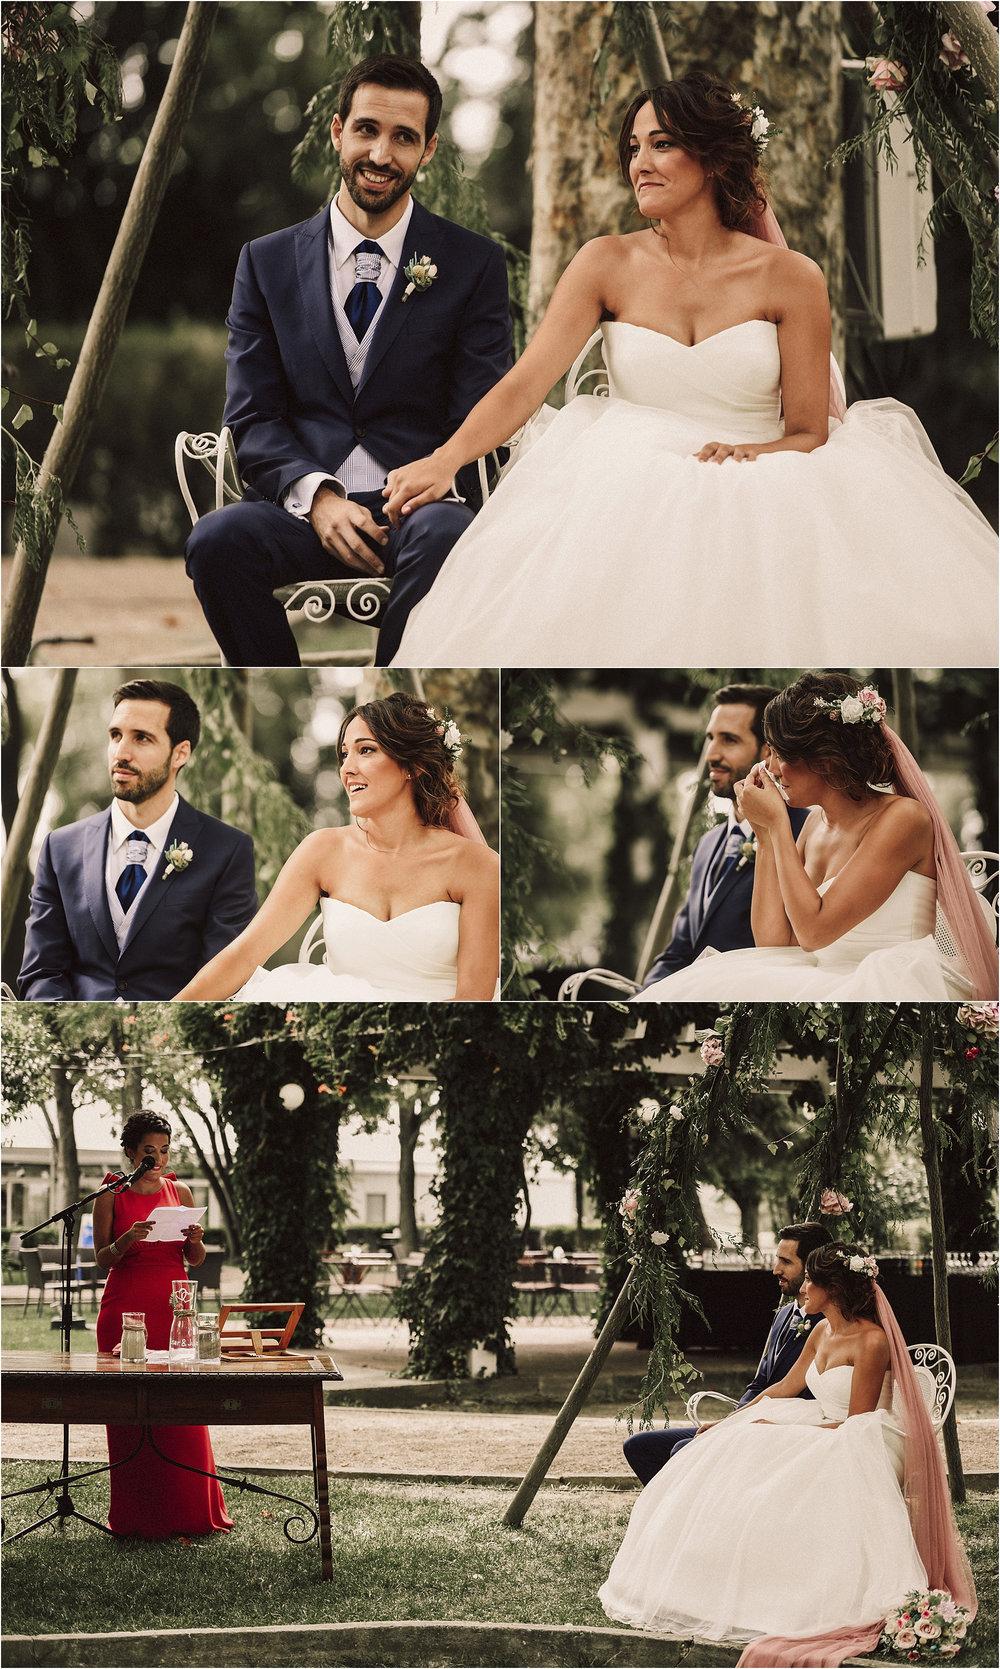 Fotografos-de-boda-donostia-zaragoza-san-sebastian-destination-wedding-photographer-47.jpg